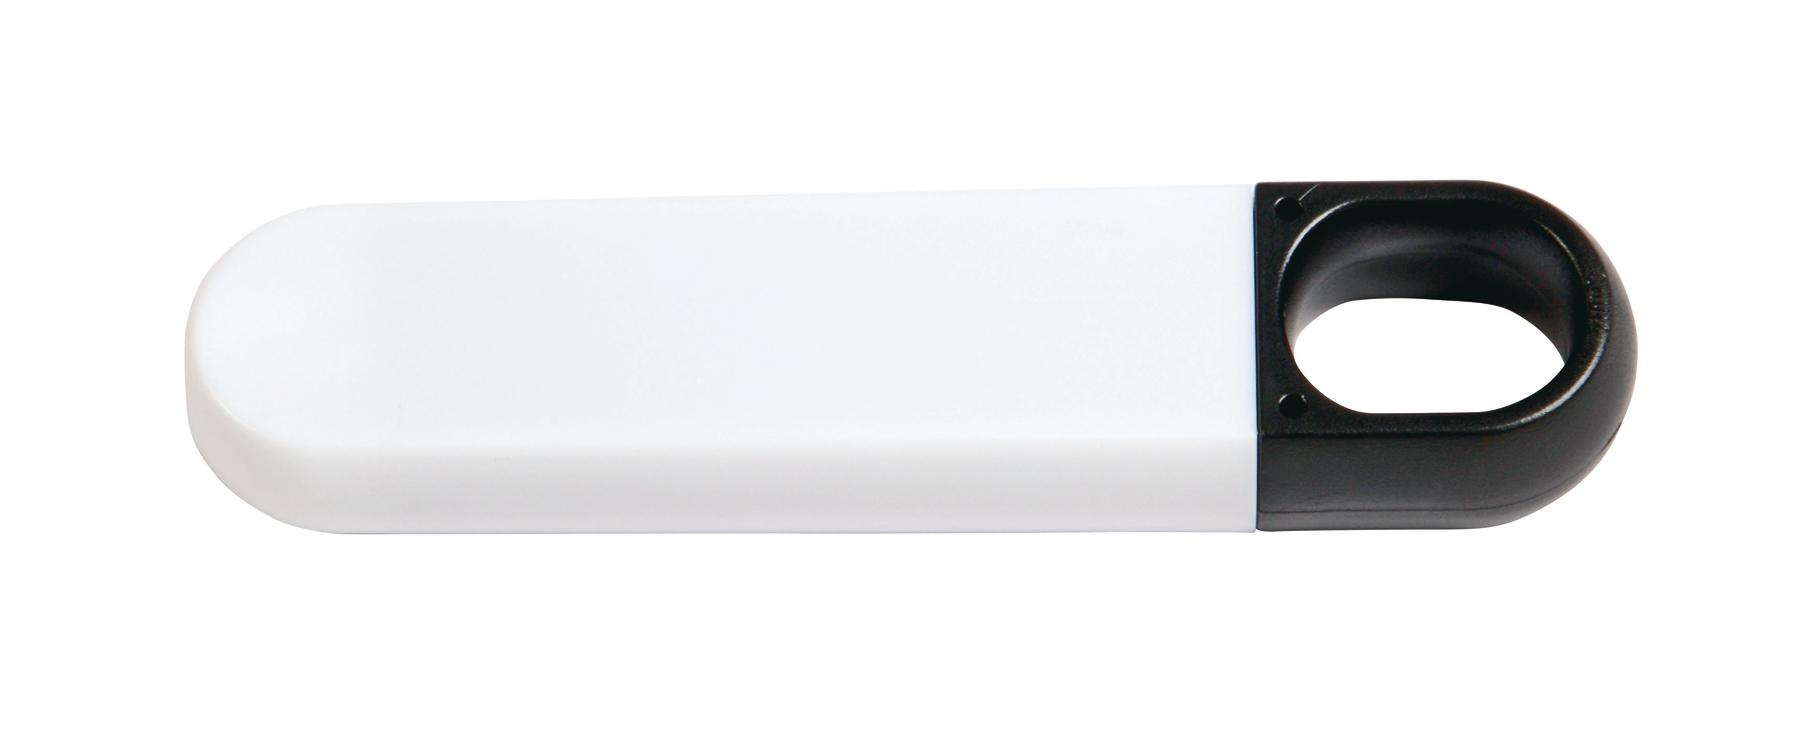 Zestaw narzędzi SMART BIT, biały, czarny